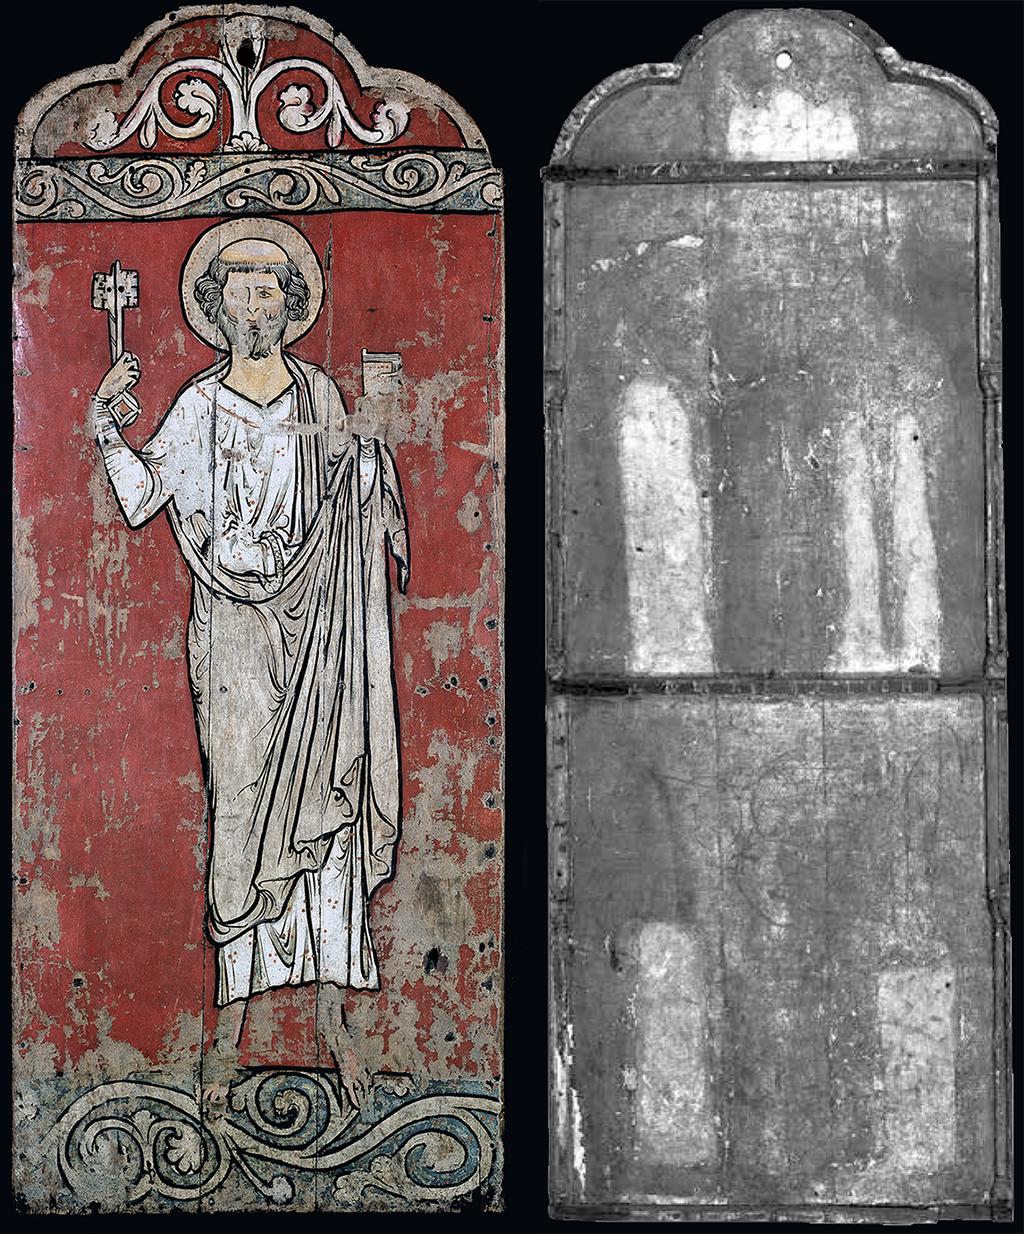 A la cara interior de la porta de Fåberg es pot veure l'espai reservat per a les figures en aplic, avui desaparegudes, d'una Anunciació i d'una Epifania.